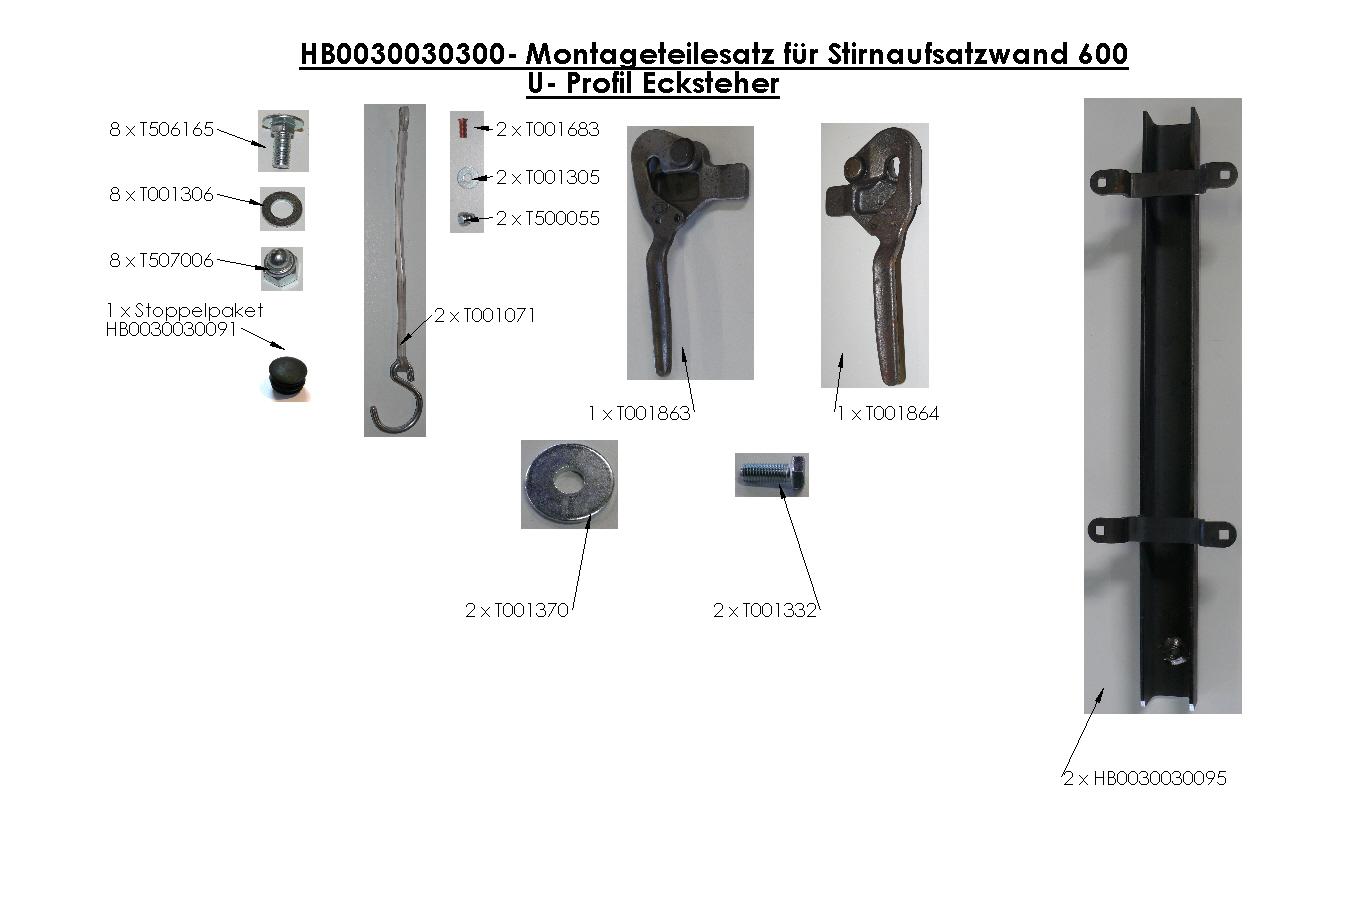 Brantner Kipper und Anhänger - Montageteilesatz für Stirnaufsatzwand 600